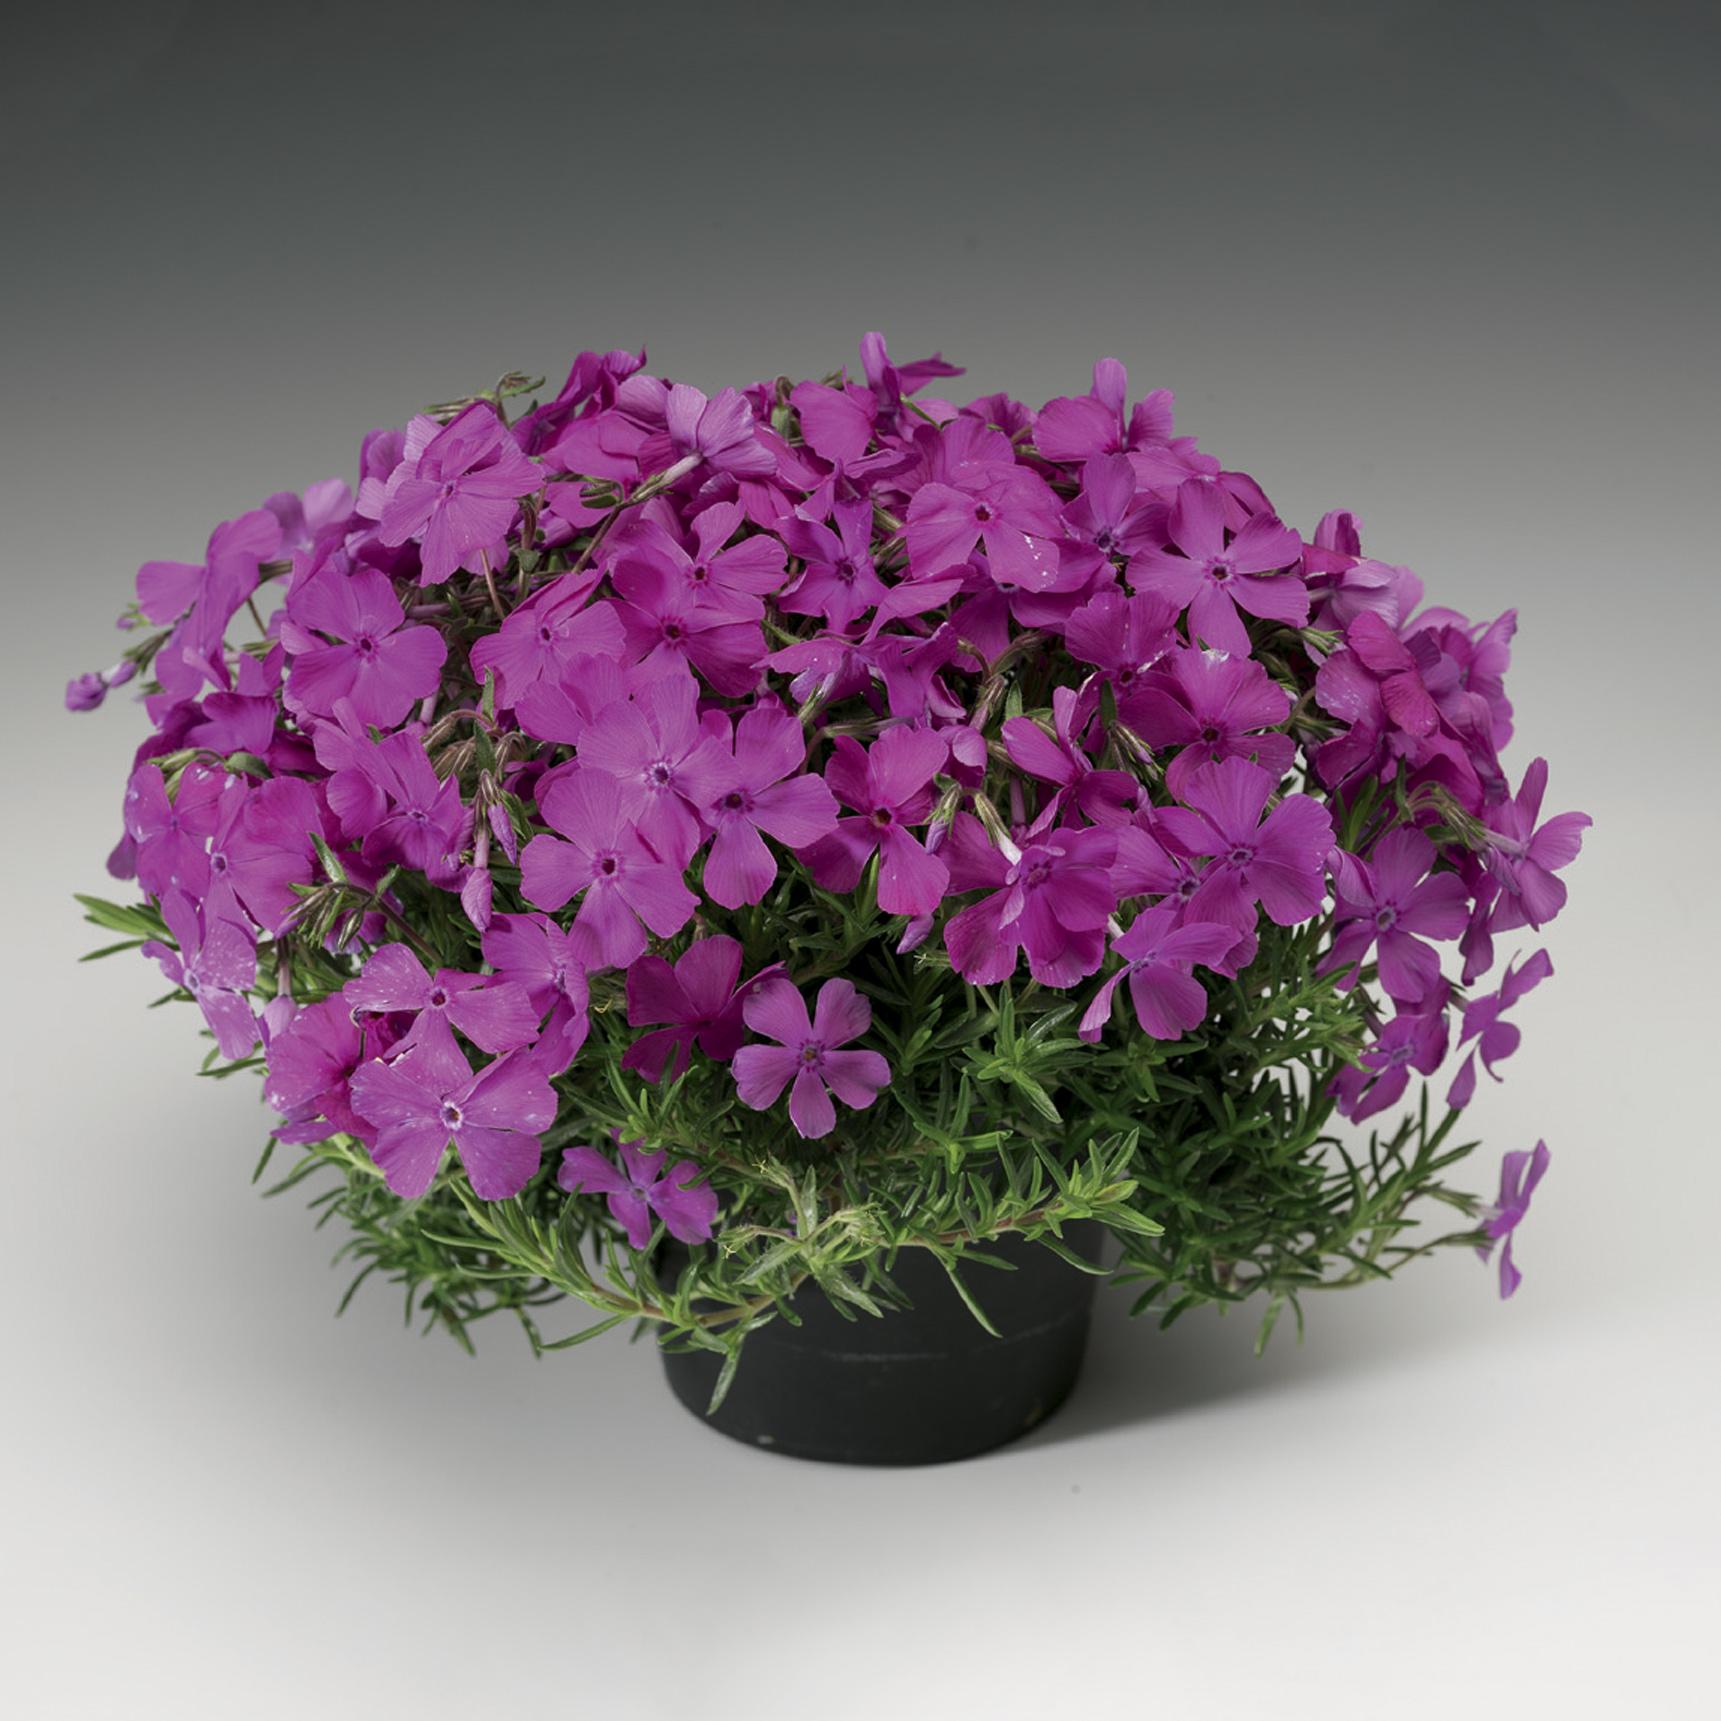 HR_Vegetative_Phlox_Mc_Daniels_Cushion_Mc_Daniels_Cushion_70004207.jpg